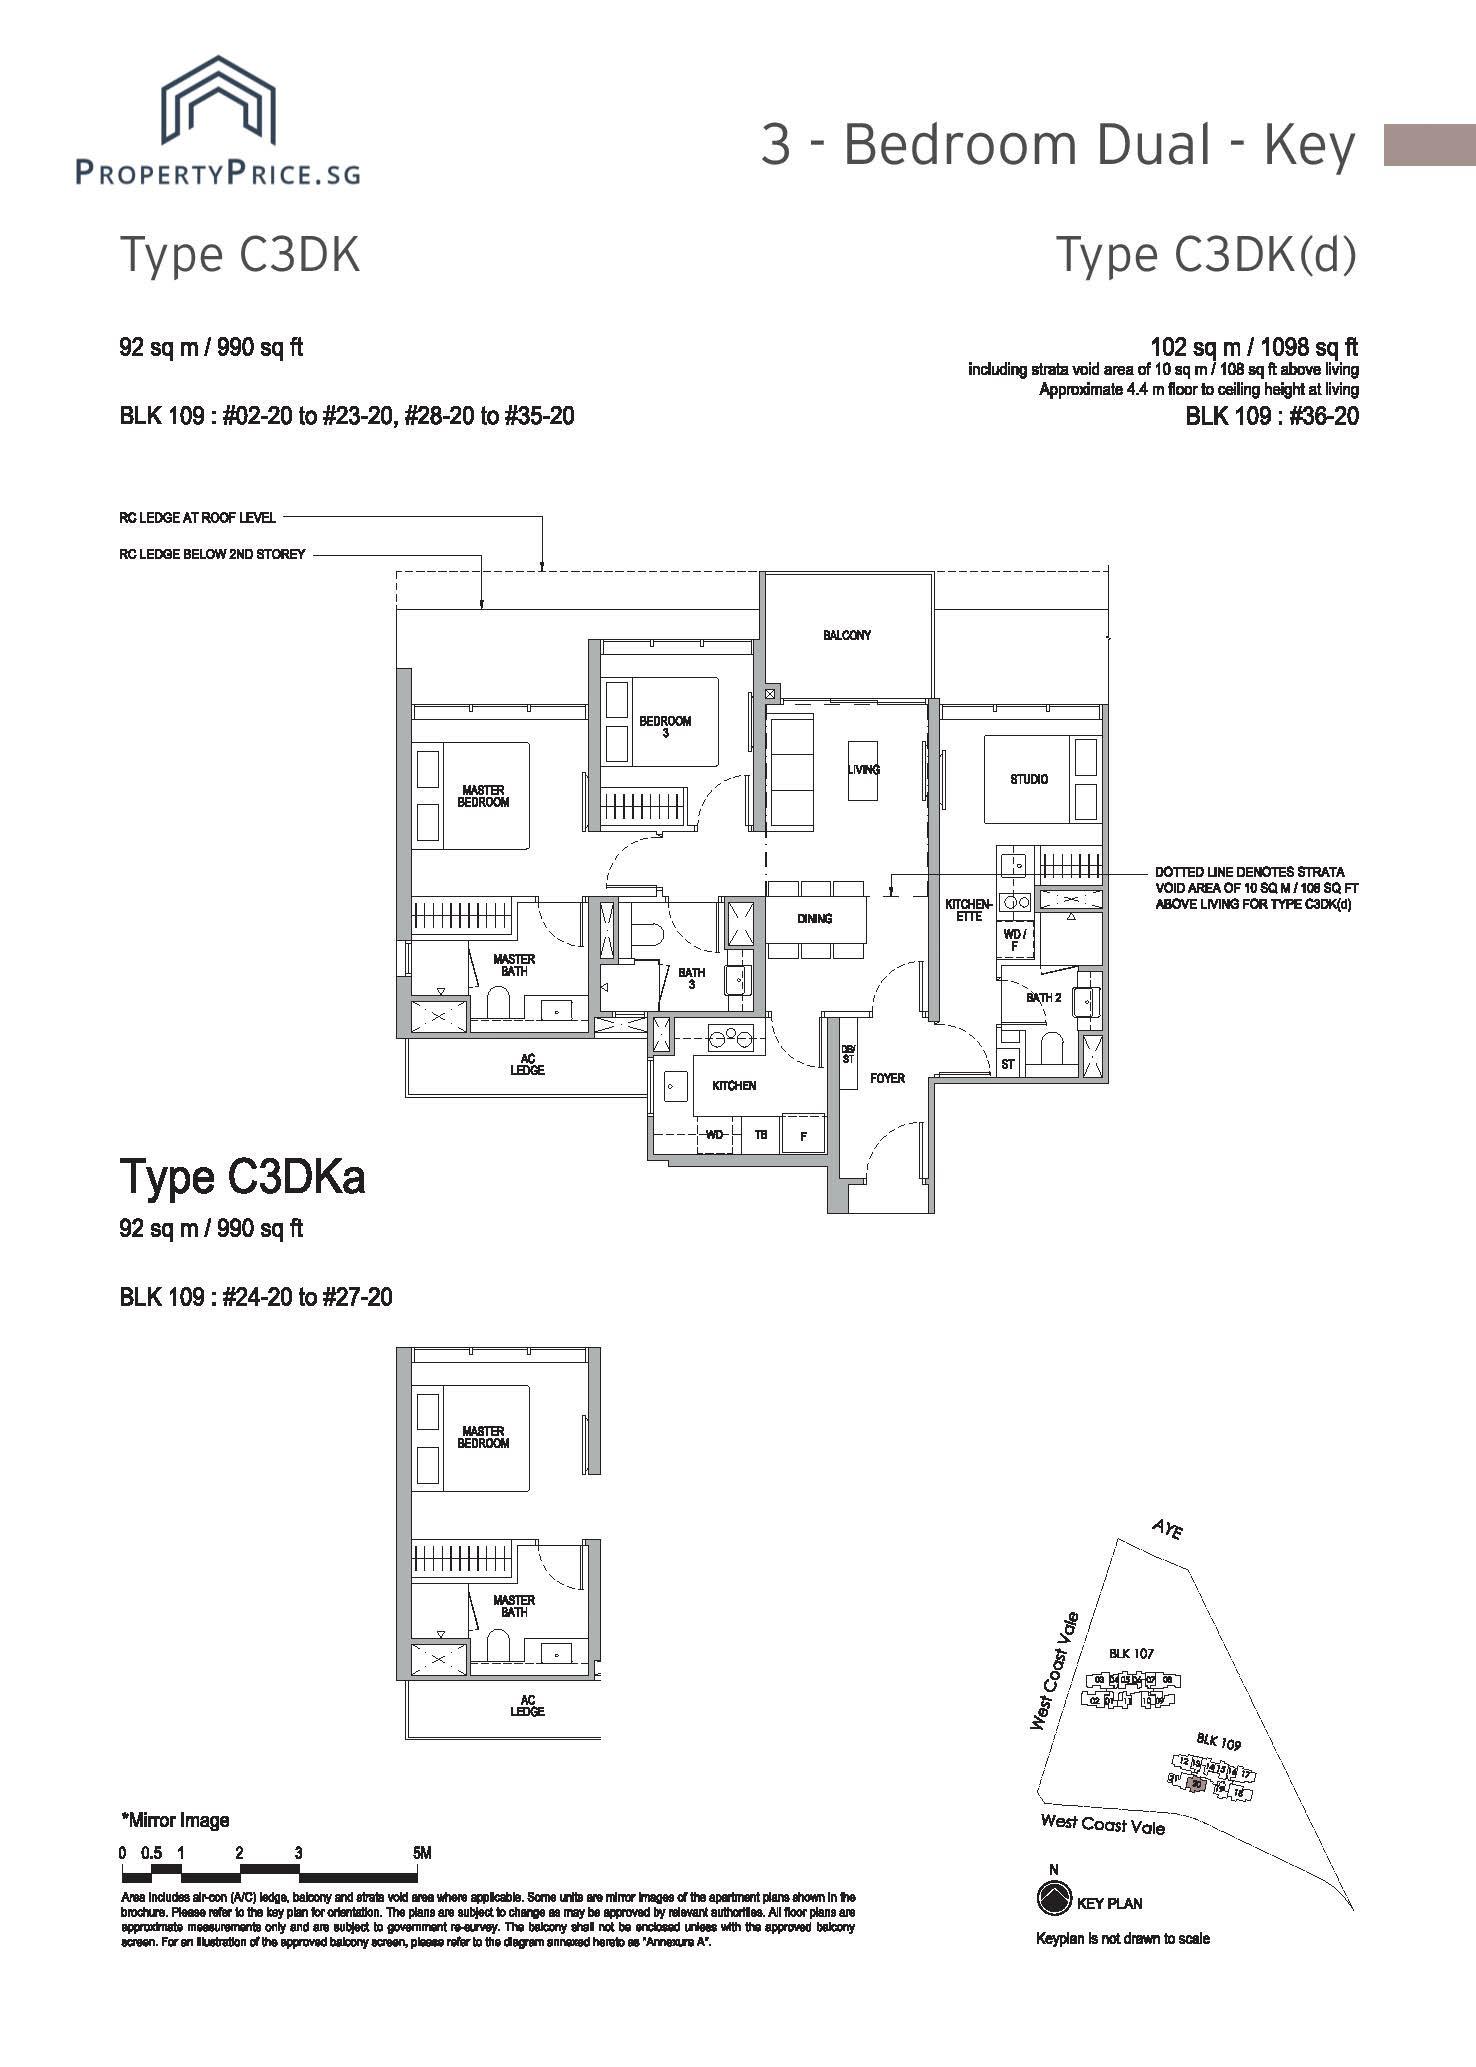 Type C3DKa